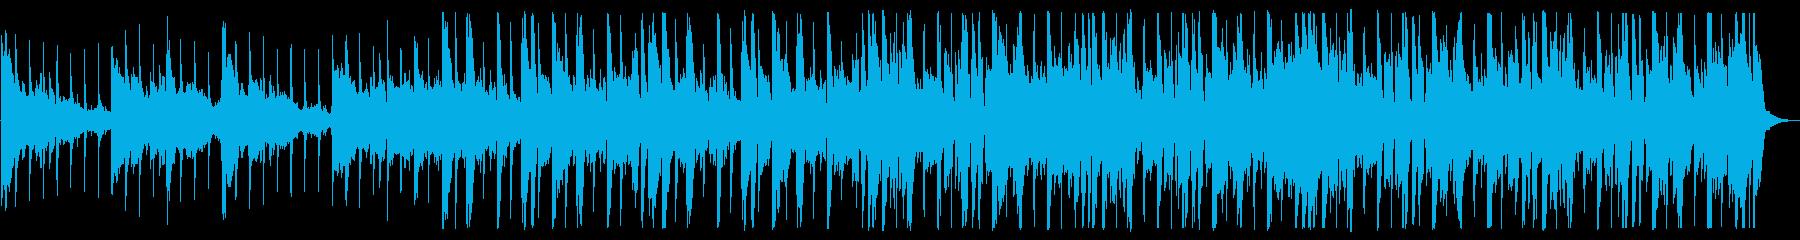 優しい雰囲気のR&B_No495_3の再生済みの波形